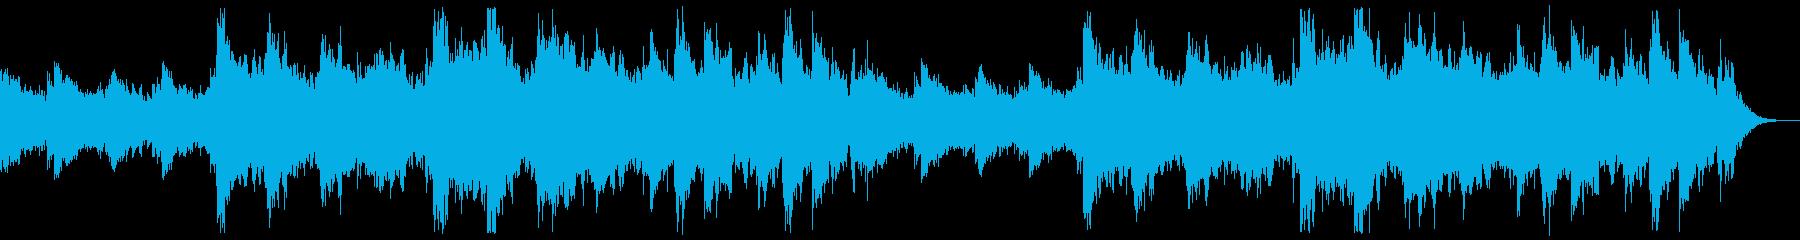 夜明け・朝焼けをイメージしたBGMの再生済みの波形